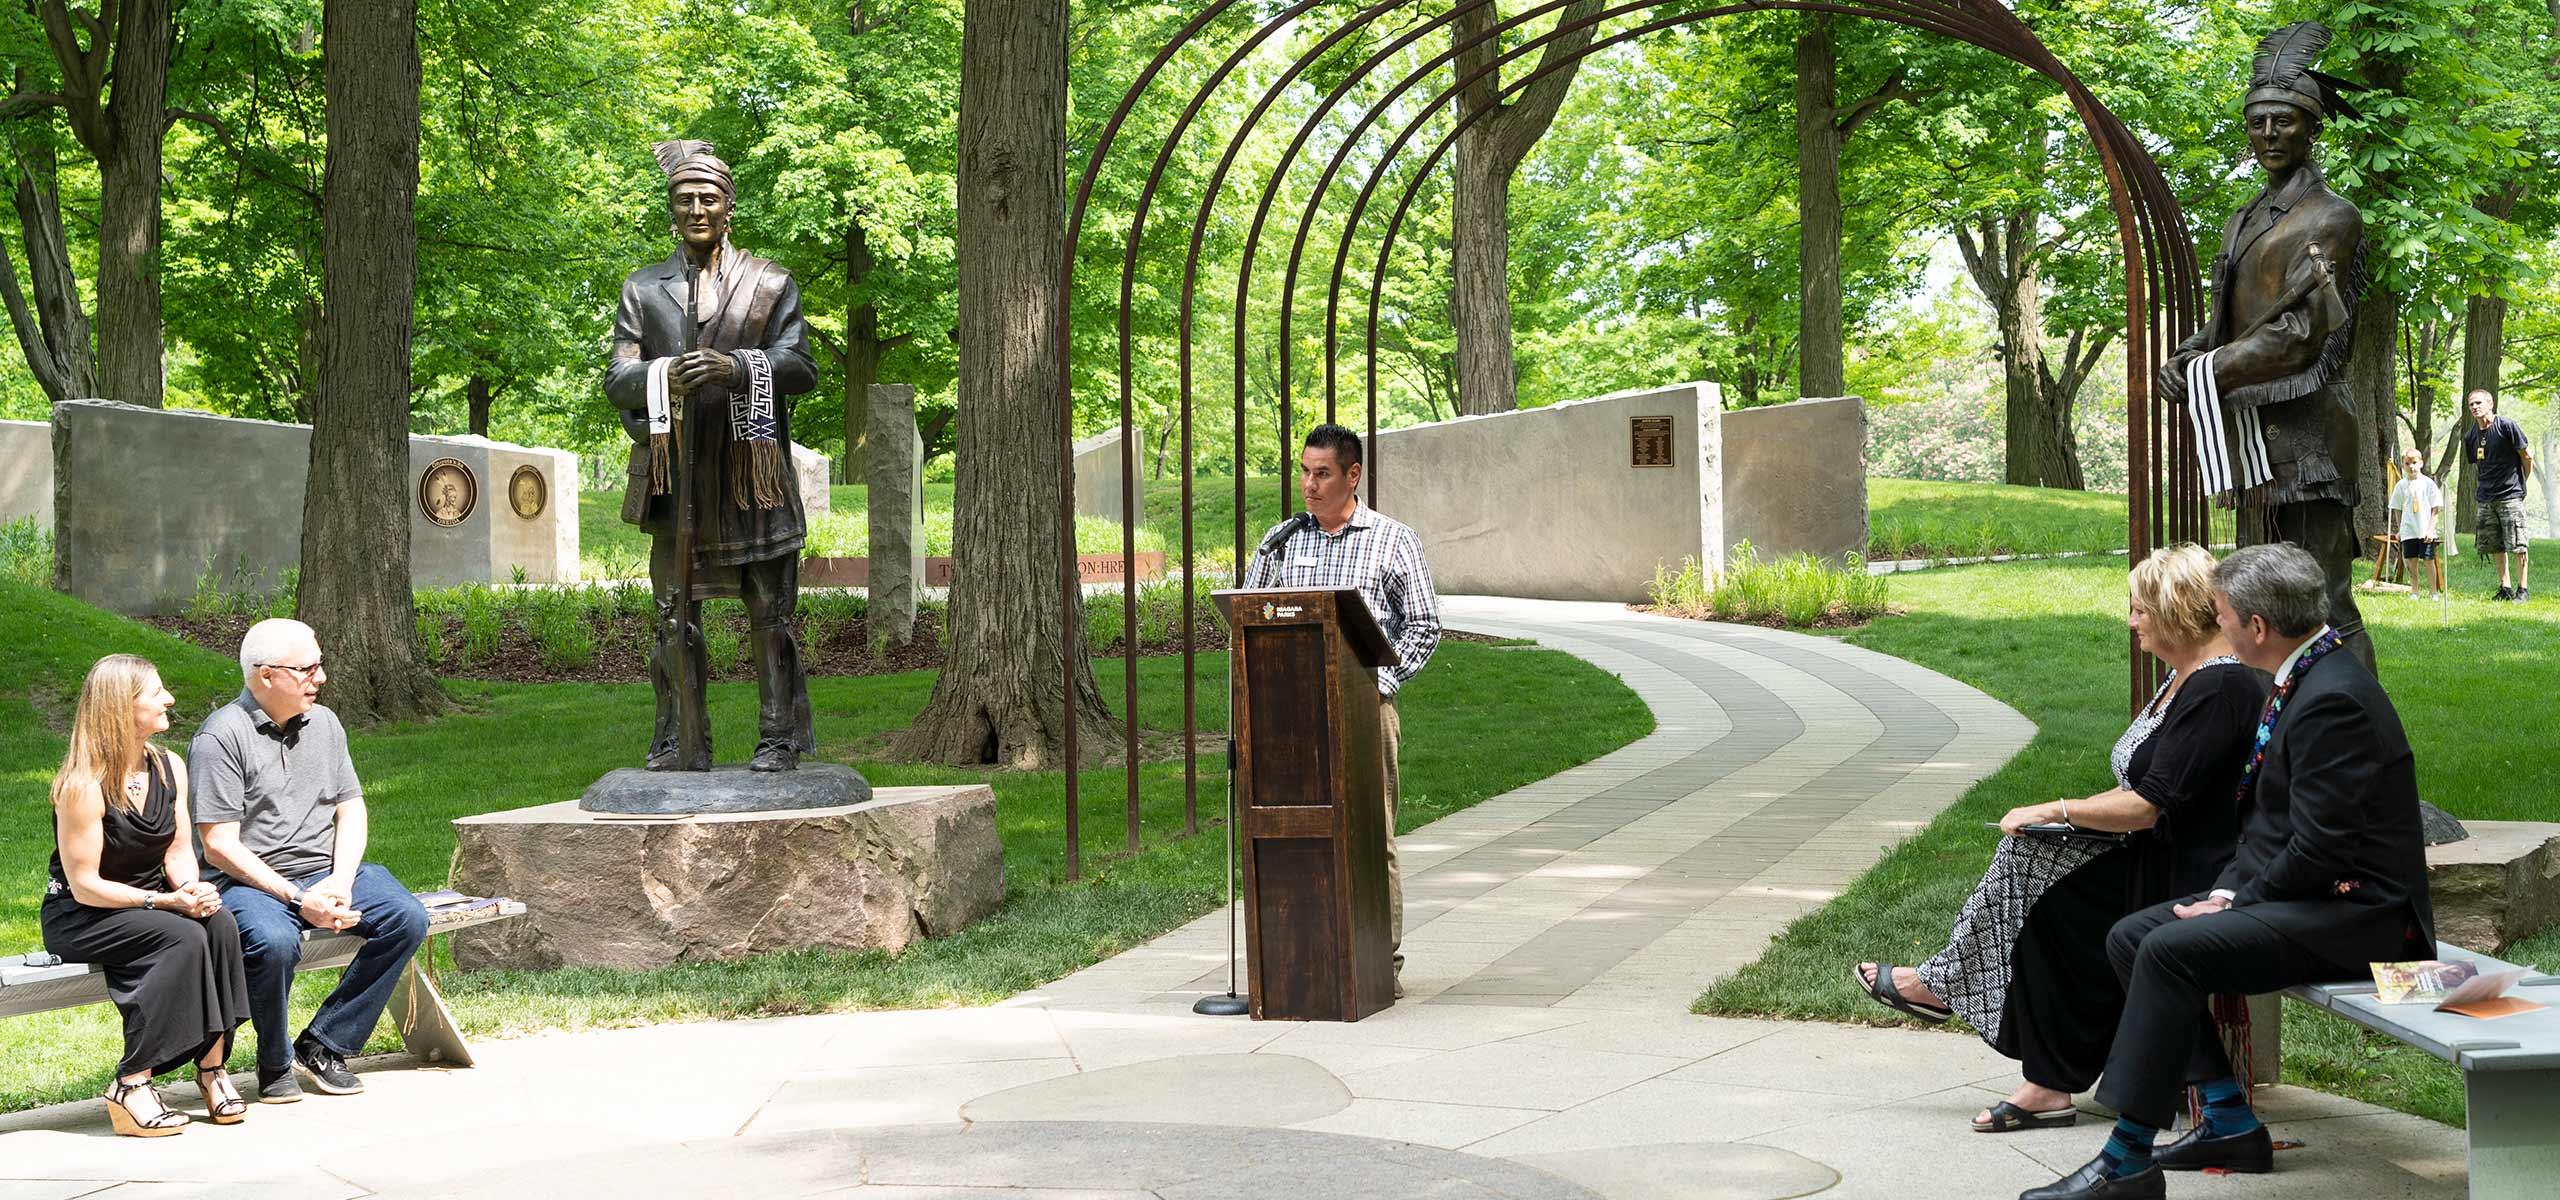 Niagara Parks Celebrates Indigenous Month